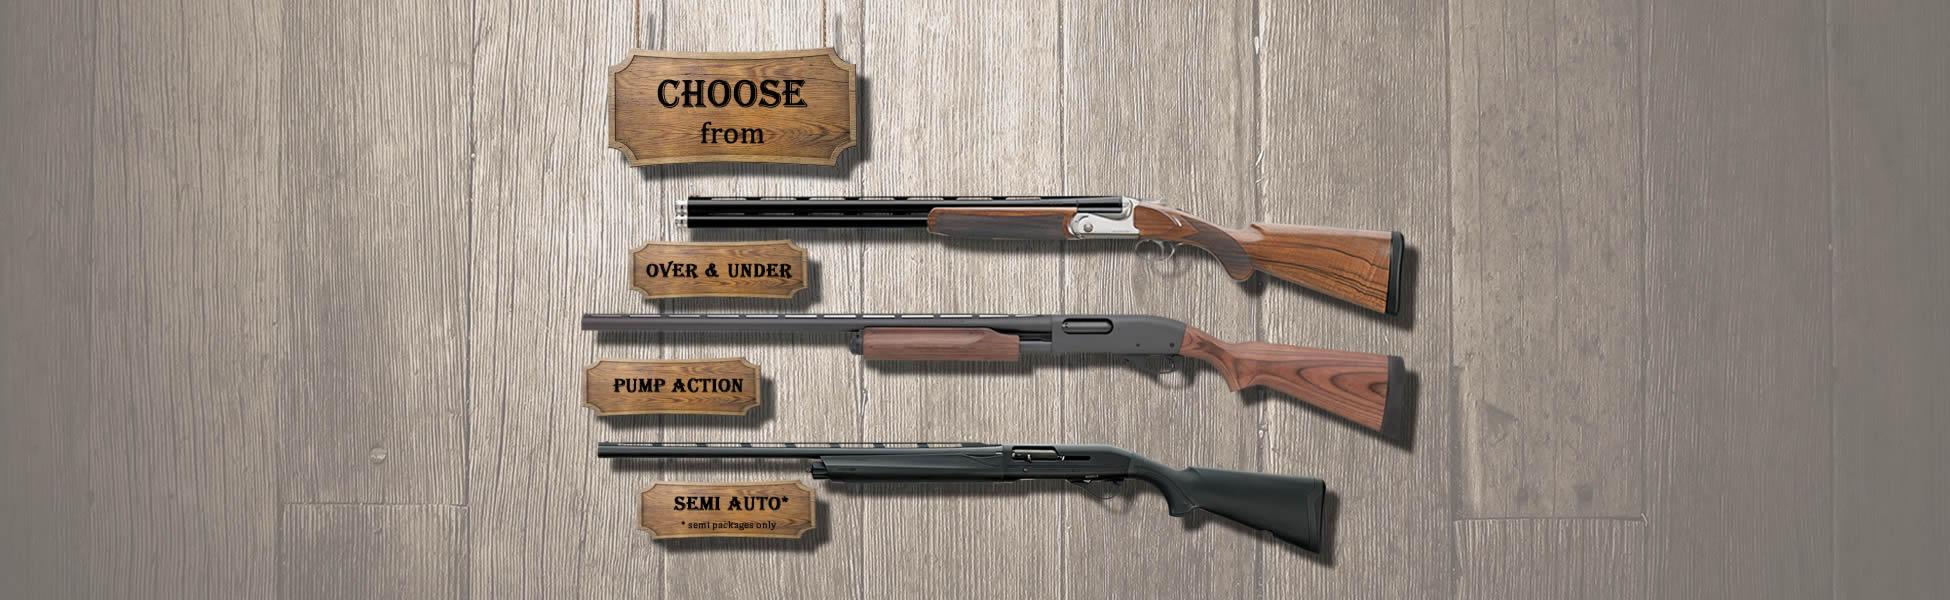 gun_choice